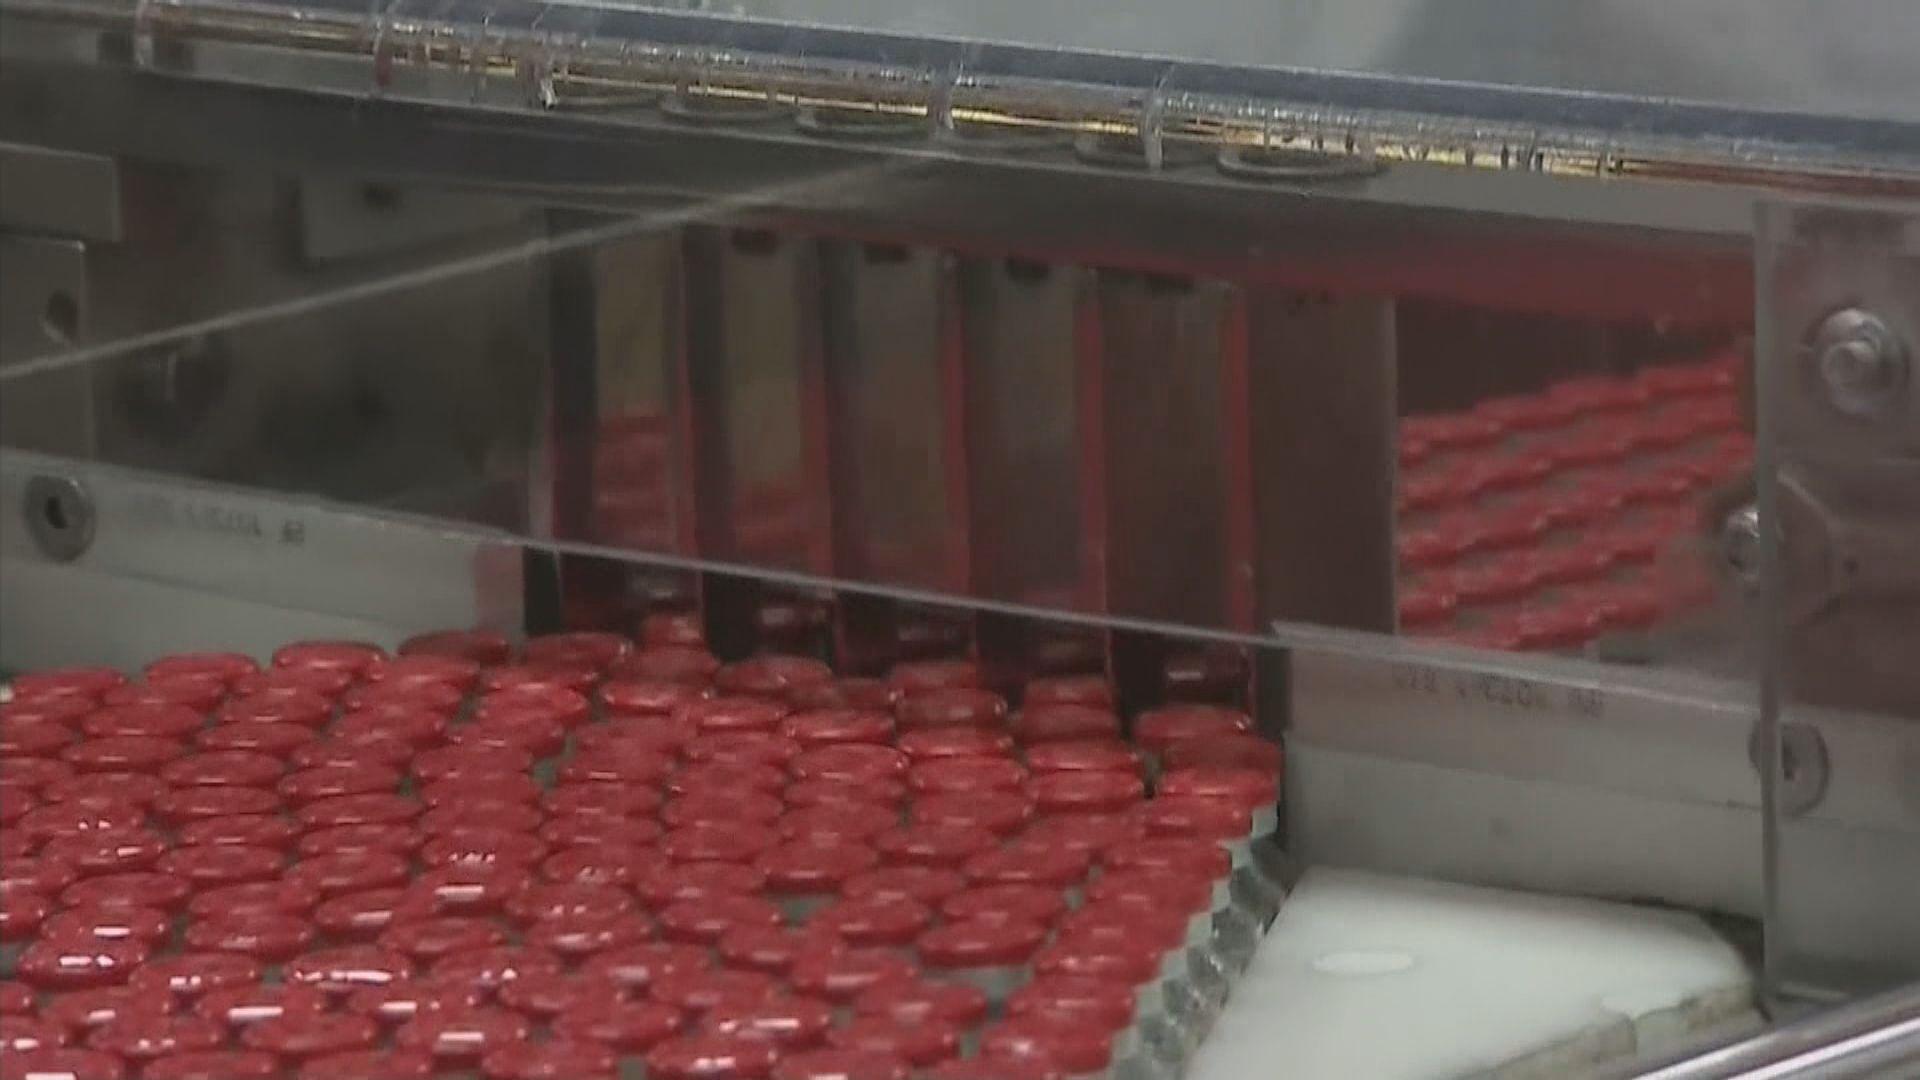 歐盟促阿斯利康履行供應承諾 從英國廠房撥疫苗予歐洲